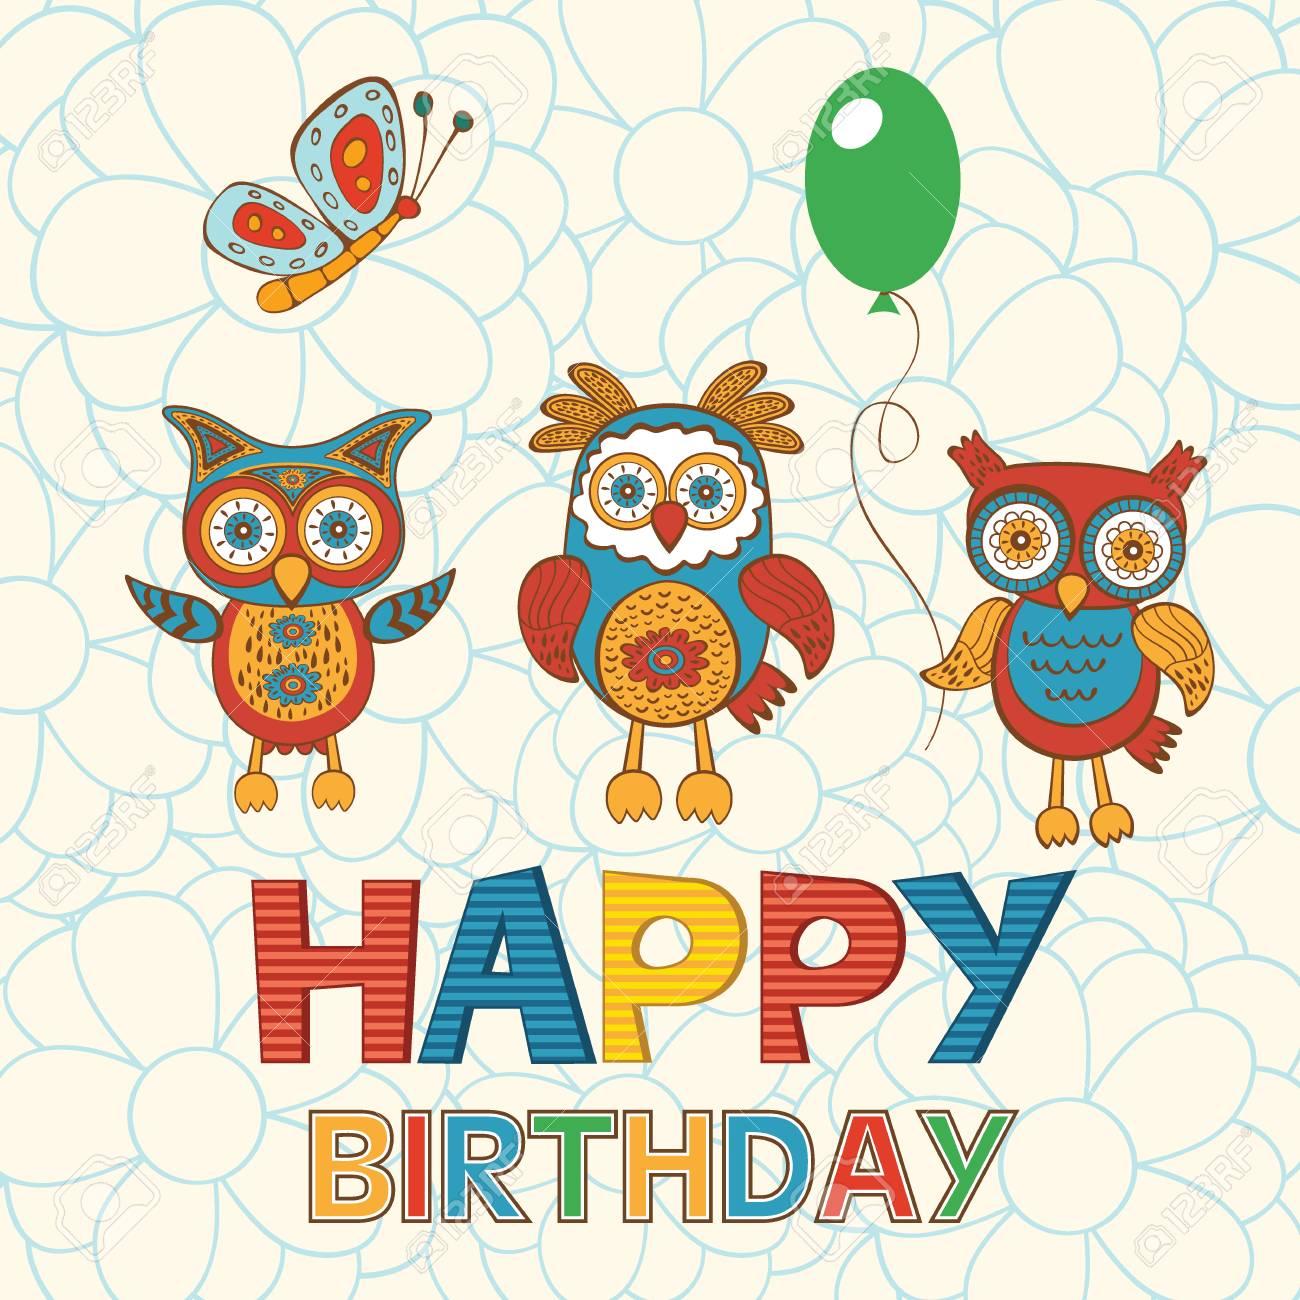 Großzügig Alles Gute Zum Geburtstag Karten Malvorlagen ...